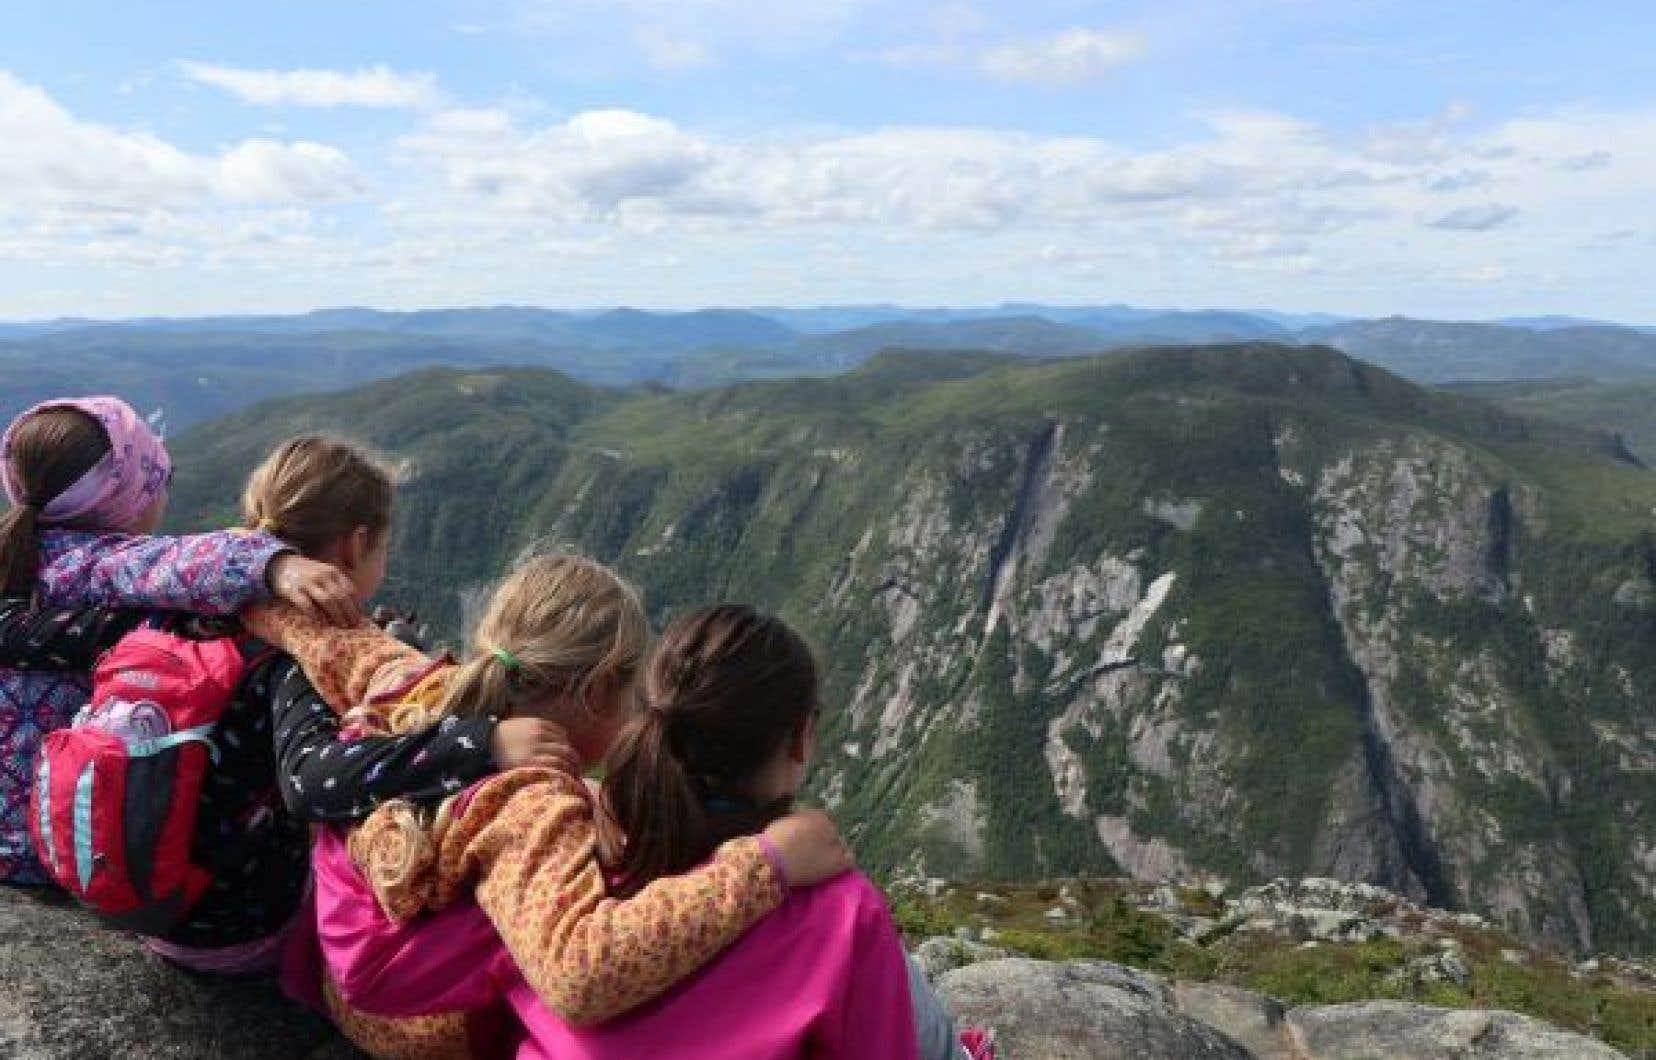 L'Acropole-des-draveurs. À 1048 mètres d'altitude, le sommet surplombe la chaîne de montagnes des Laurentides.